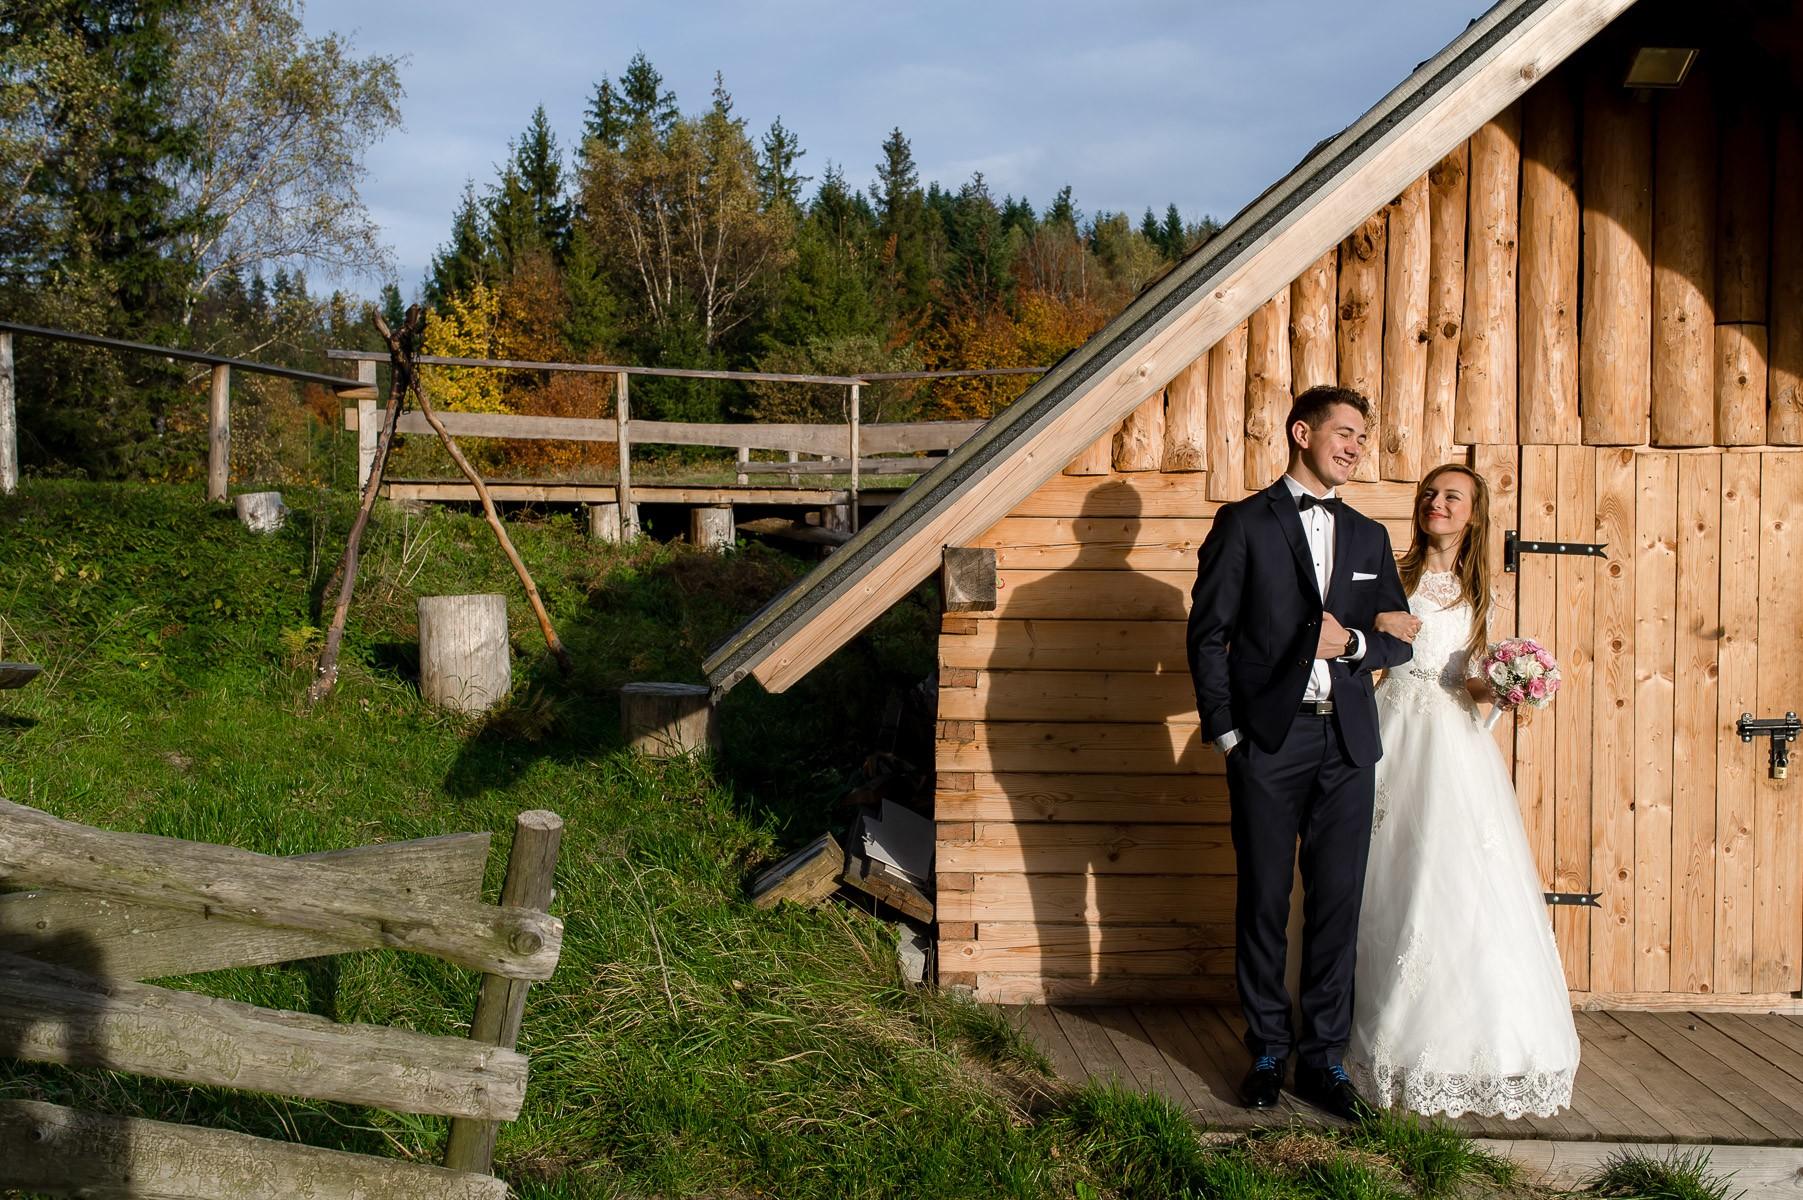 sala na skarpie fotograf slubny slask malopolska adam pietrusiak plener slubny w gorach jw wedding 192